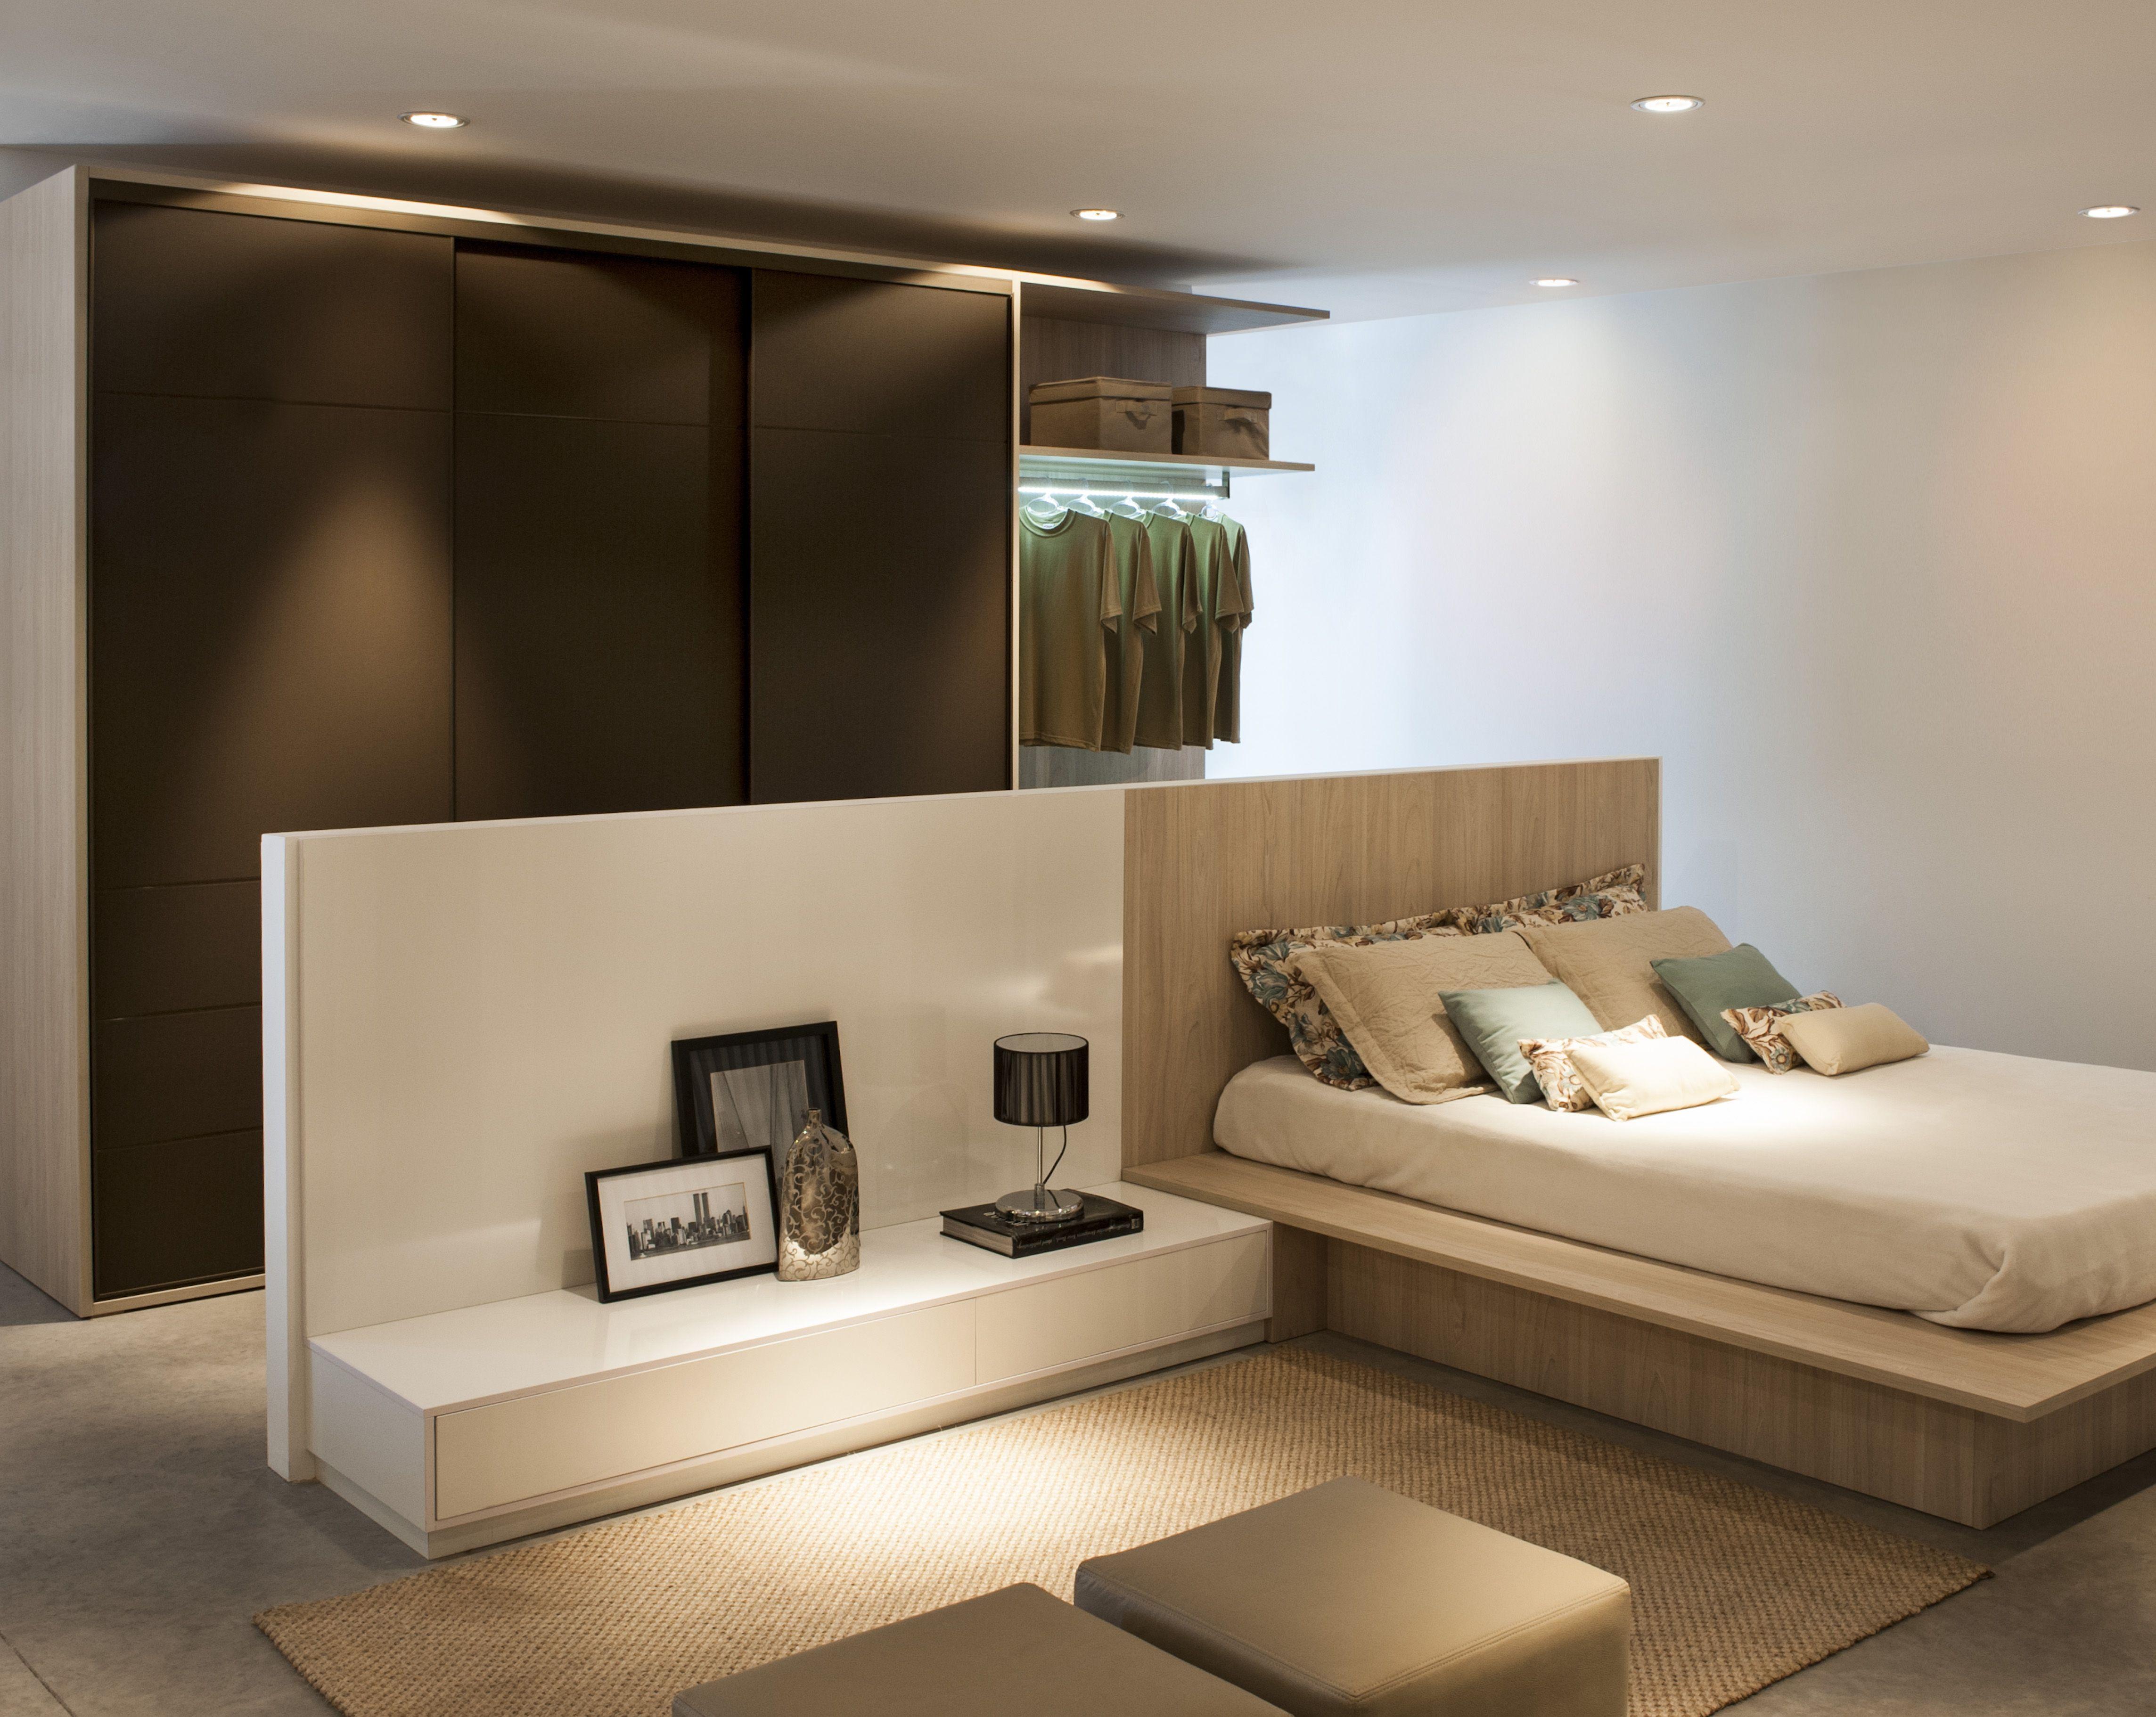 Armario Planejado ~ Quarto de Casal Planejado, com cabeceira divisória, cama japonesa, armário com iluminaç u00e3o de